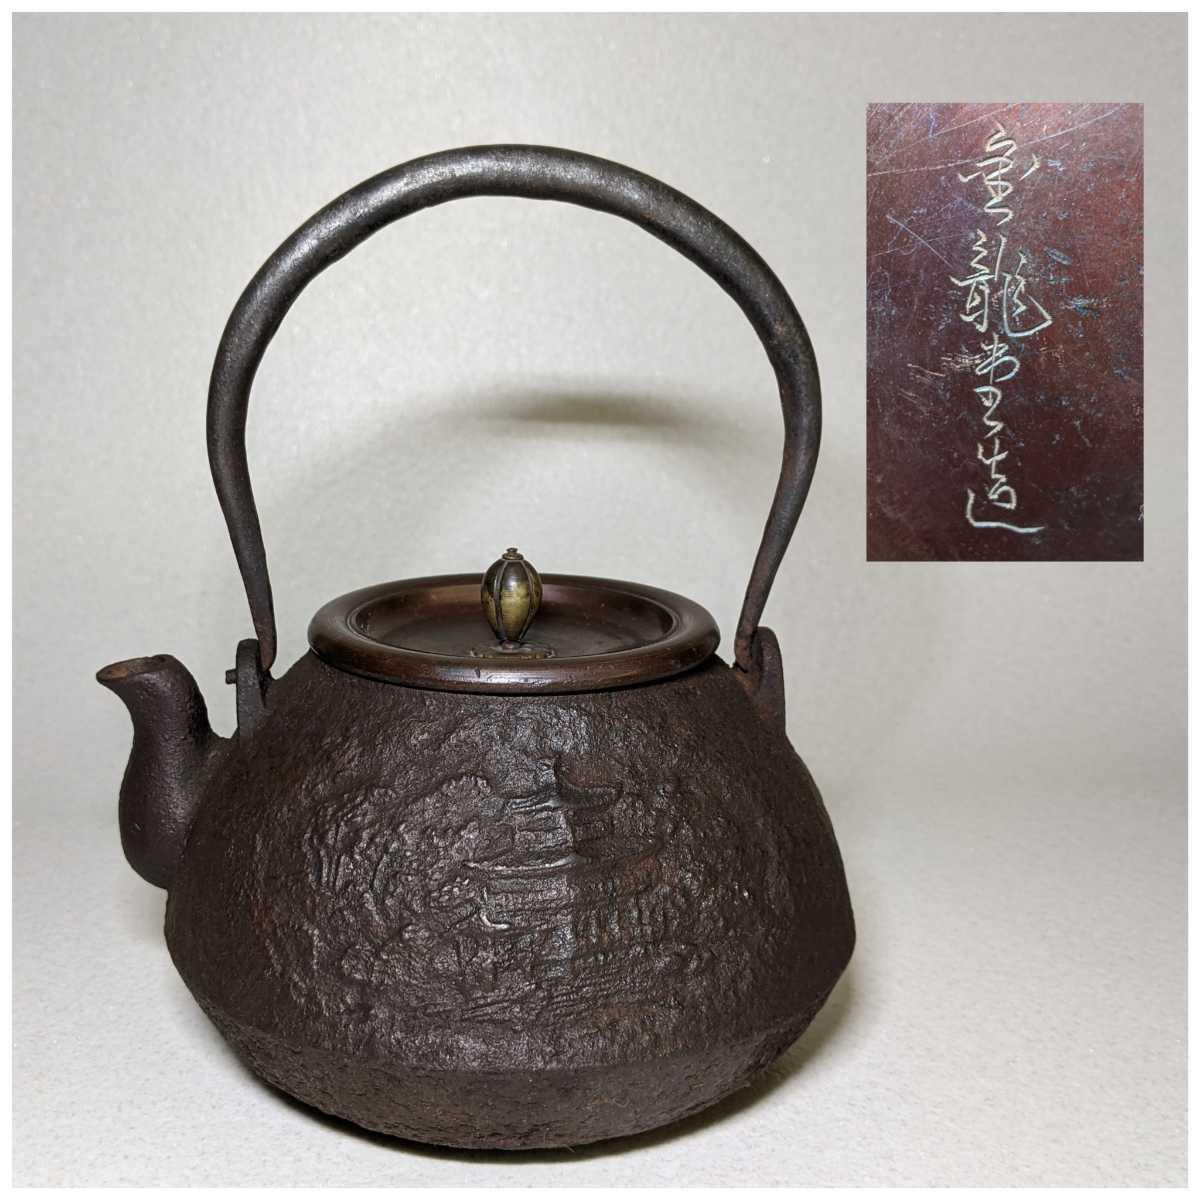 金龍堂 鉄瓶 銅蓋棗摘み 煎茶道具 湯沸し 薬缶 古民具 古民家整理品